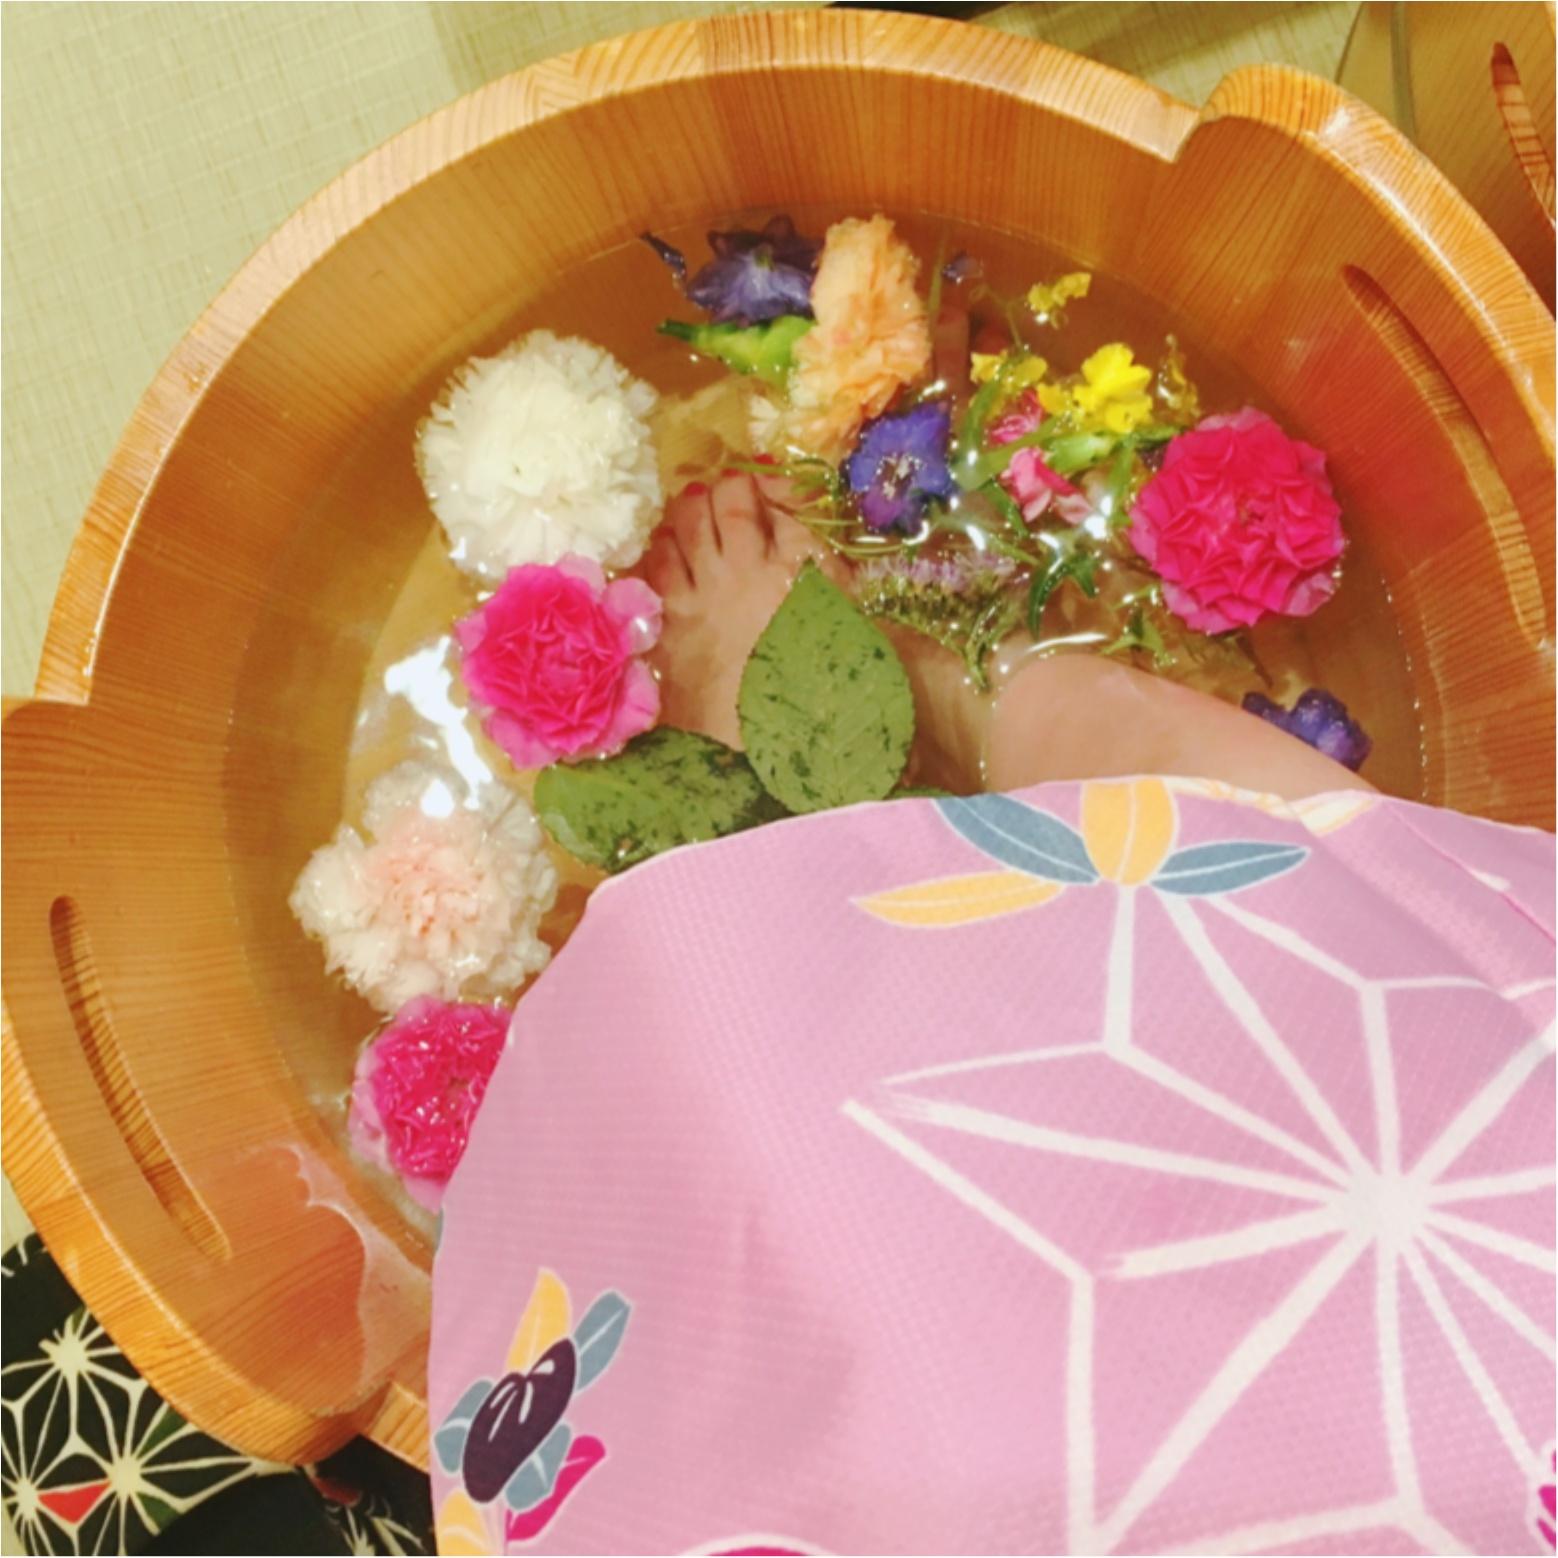 京都女子旅特集《2019年版》- 旅する女子がおすすめする、インスタ映えスポットやカフェ、レンタル着物は?_39